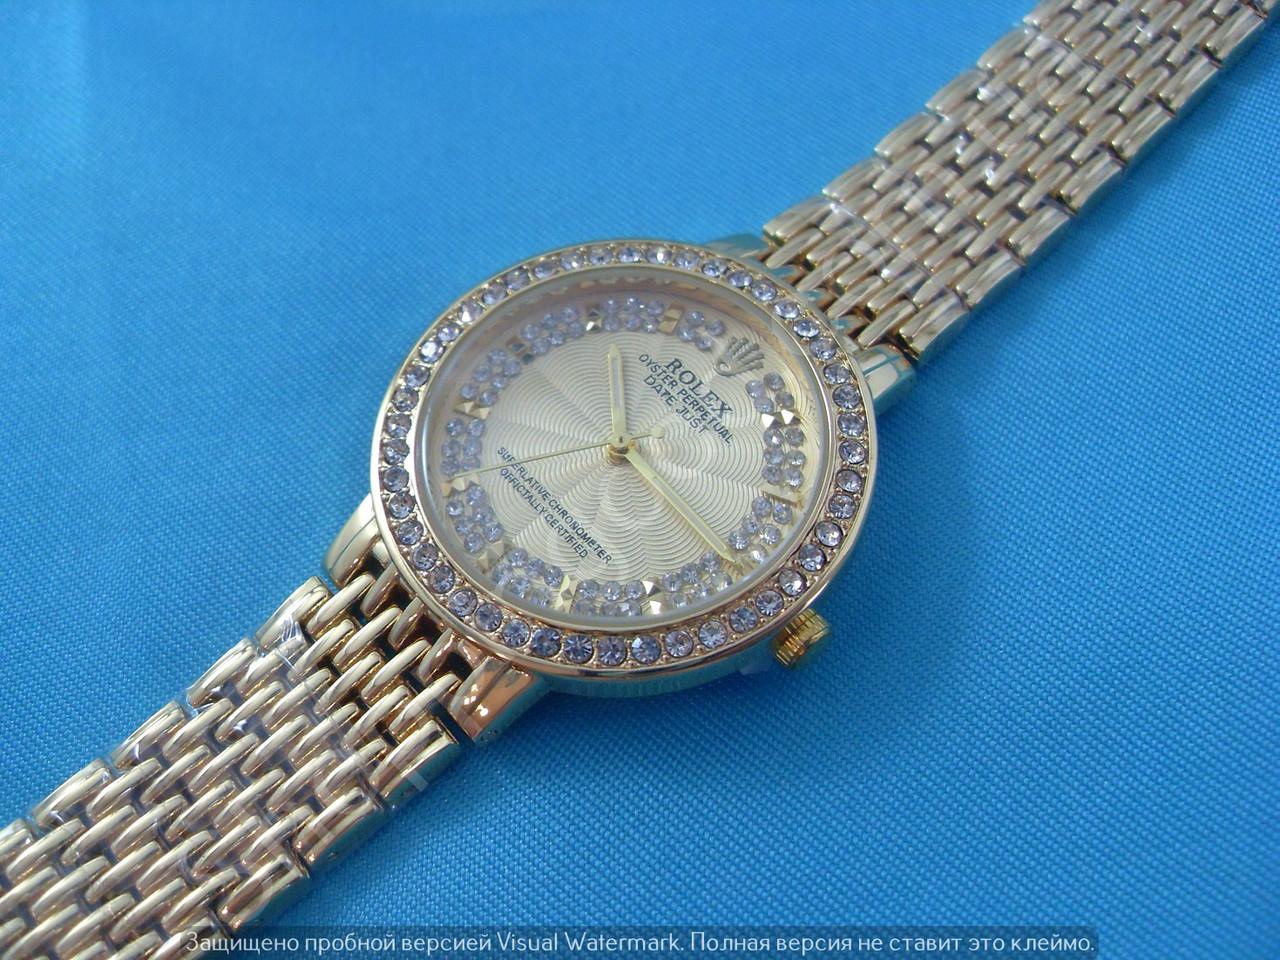 433e69c4311e Женские часы Rolex B46 114241 золотистые в стразах диаметр 3,5 см плетеный  металлический браслет